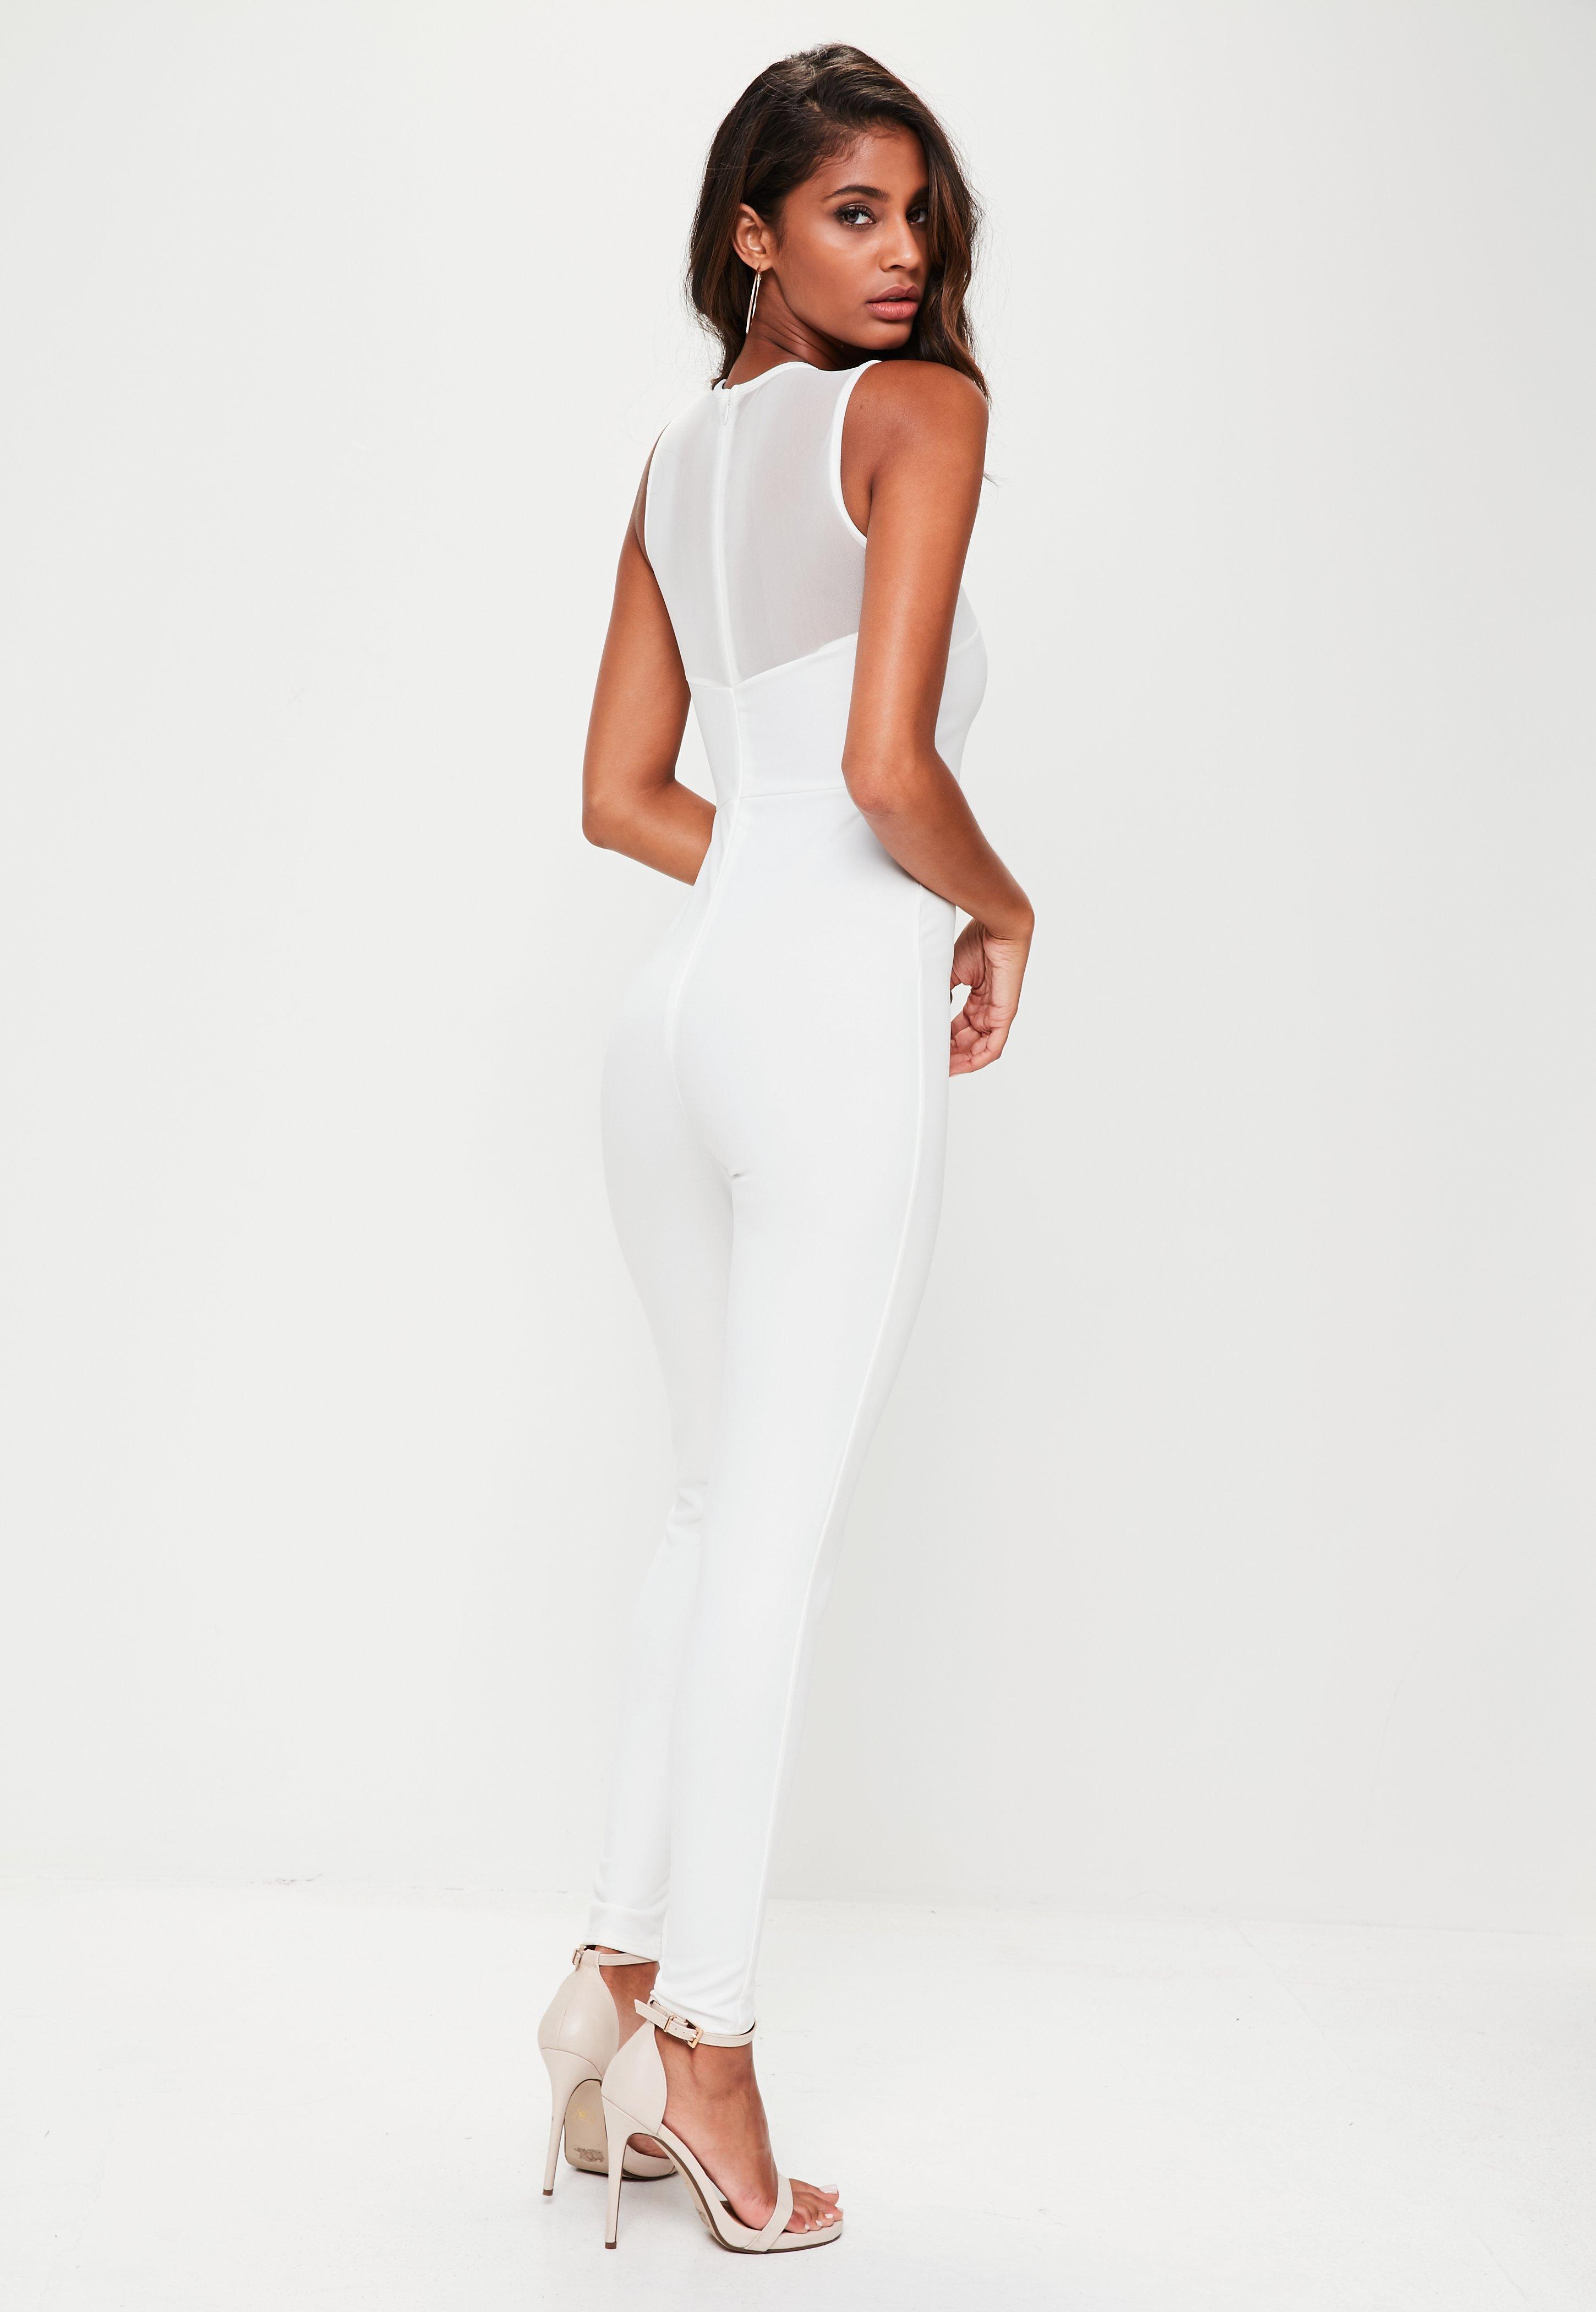 b7d67cd5e9e3 Lyst - Missguided White Mesh Insert Unitard Jumpsuit in White